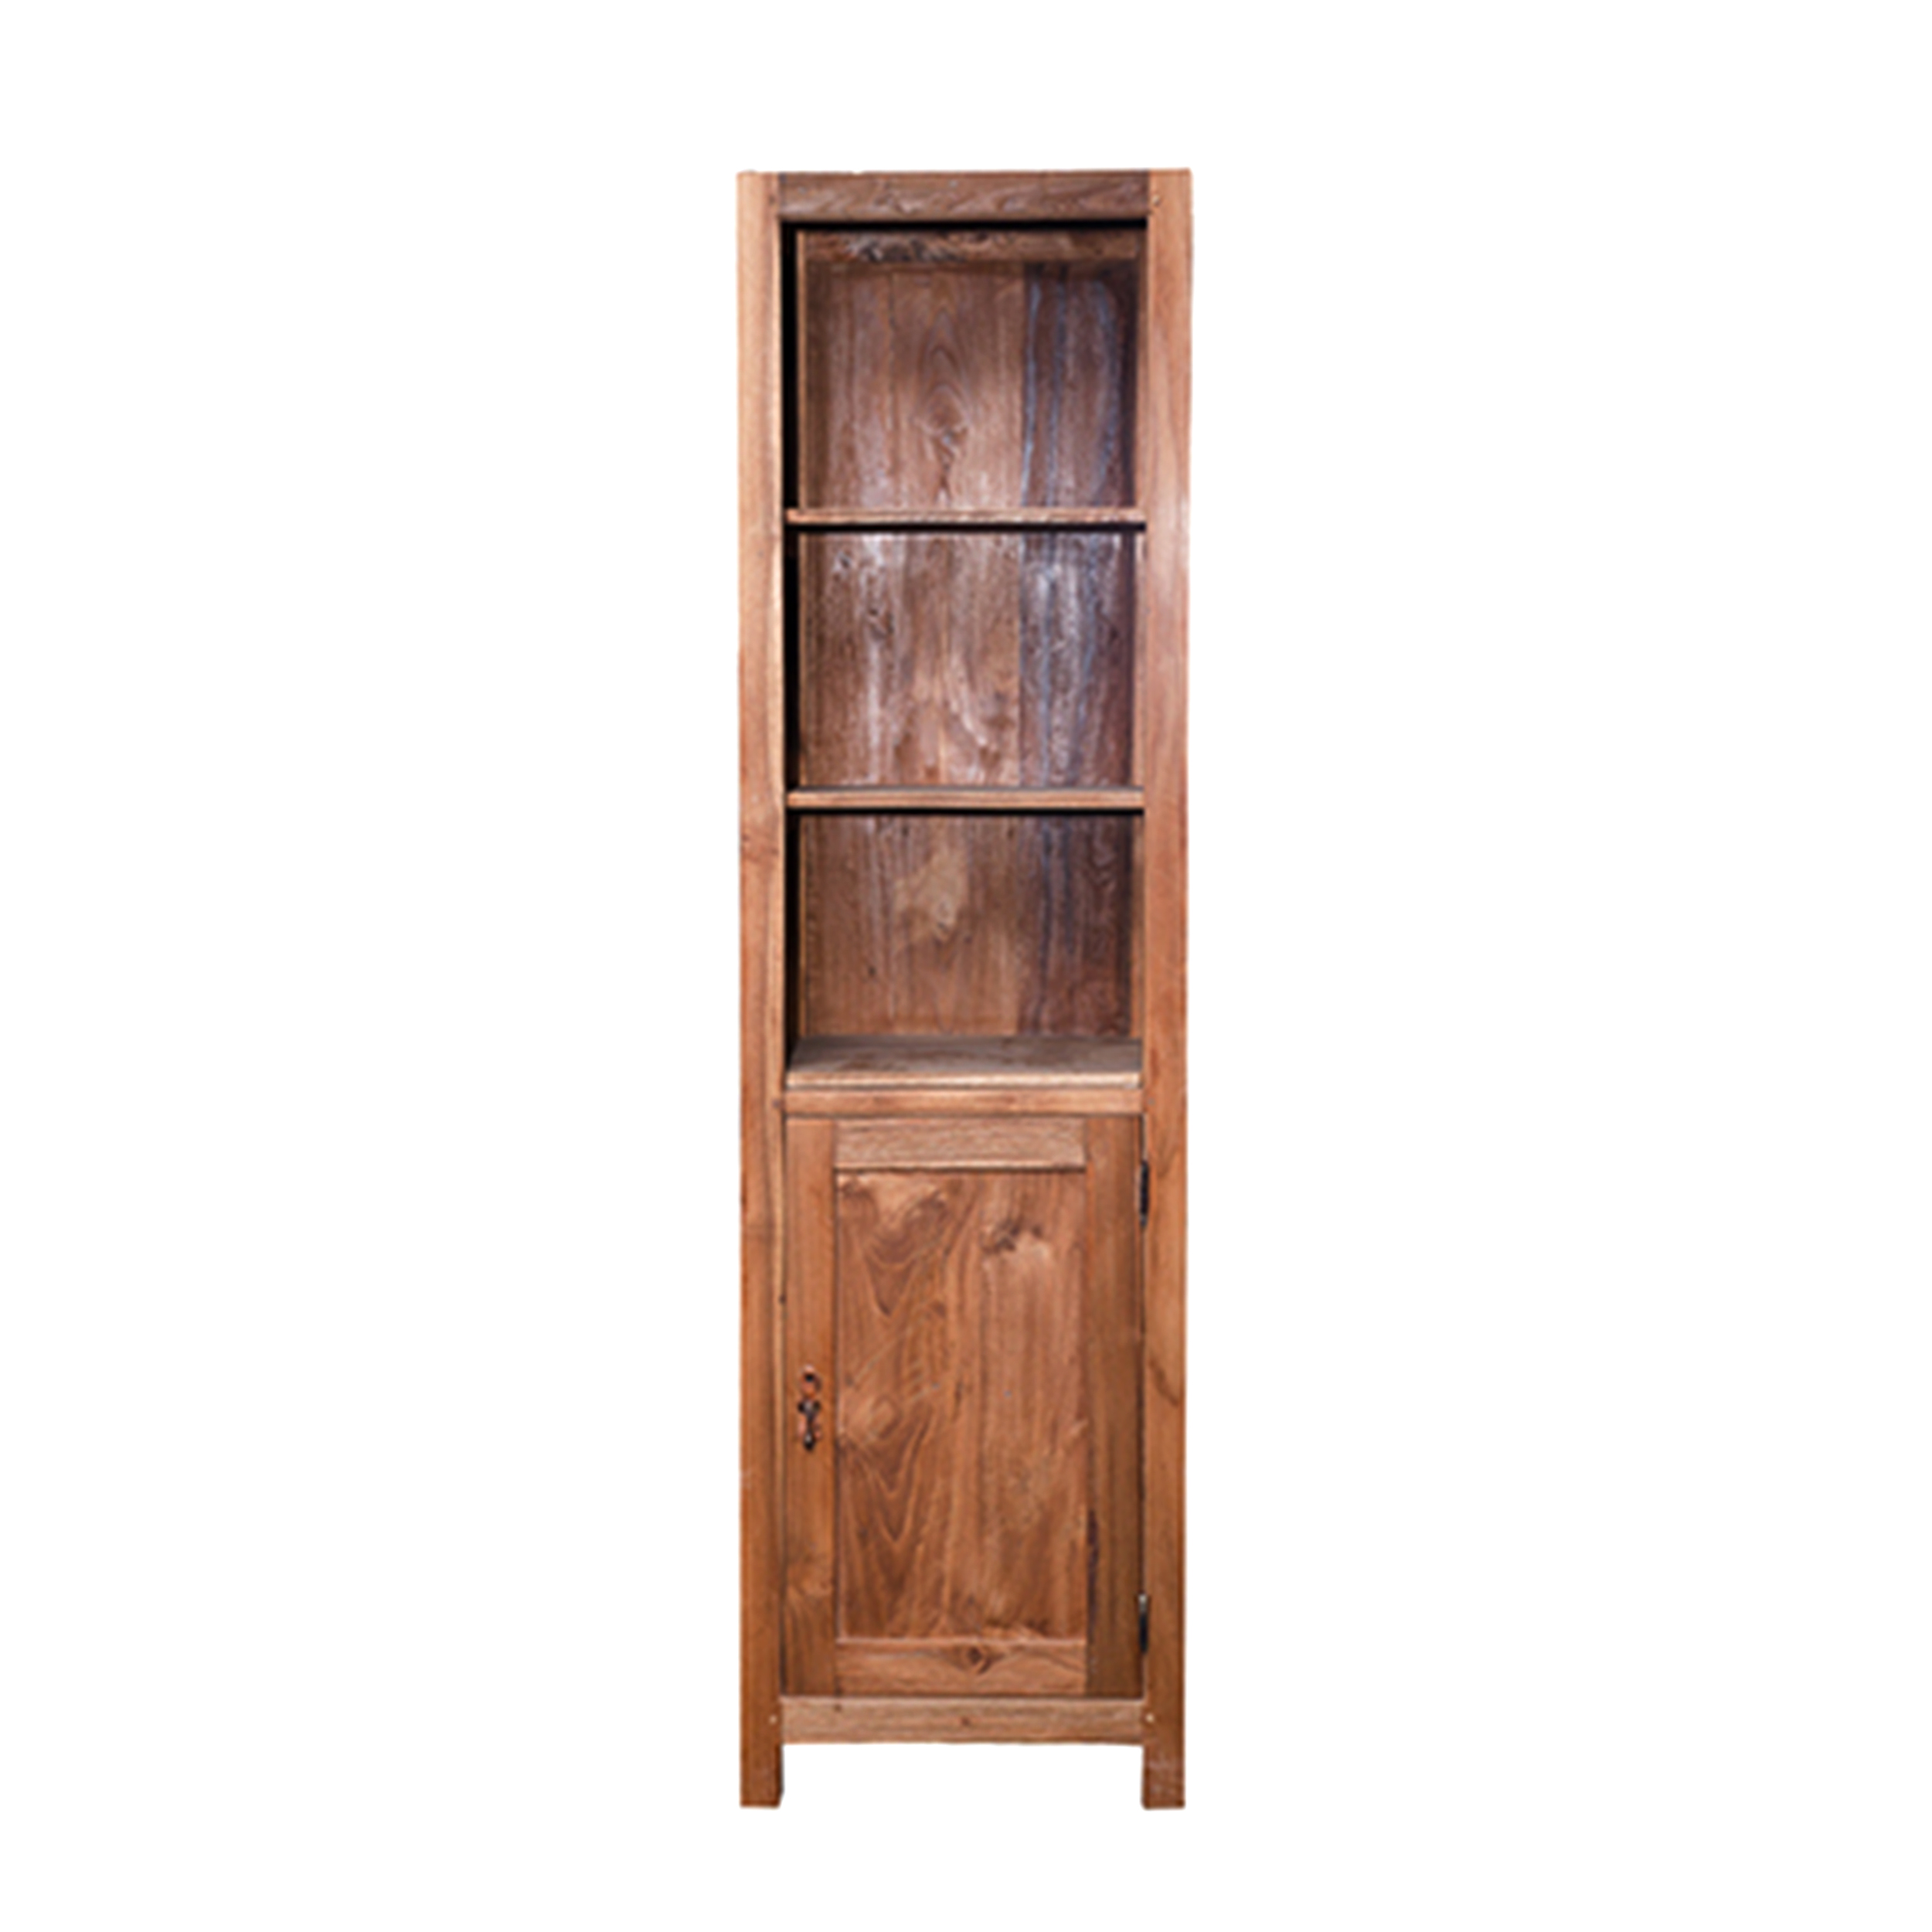 Шкаф Бермуда (DCRT1D-R N)Шкафы<br>ROOMERS – это особенная коллекция, воплощение всего самого лучшего, модного и новаторского в мире дизайнерской мебели, предметов декора и стильных аксессуаров.<br><br>Интерьерные решения от ROOMERS в буквальном смысле не имеют границ. Мебель, предметы декора, светильники и аксессуары тщательно отбираются по всему миру – в последних коллекциях знаменитых дизайнеров и культовых брендов, среди искусных работ hand-made мастеров Европы и Юго-Восточной Азии во время большого и увлекательного путешествия,...<br><br>stock: 2<br>Высота: 181<br>Ширина: 40<br>Материал: массив тикового дерева<br>Цвет: Rustic 3/Natural<br>Длина: 50